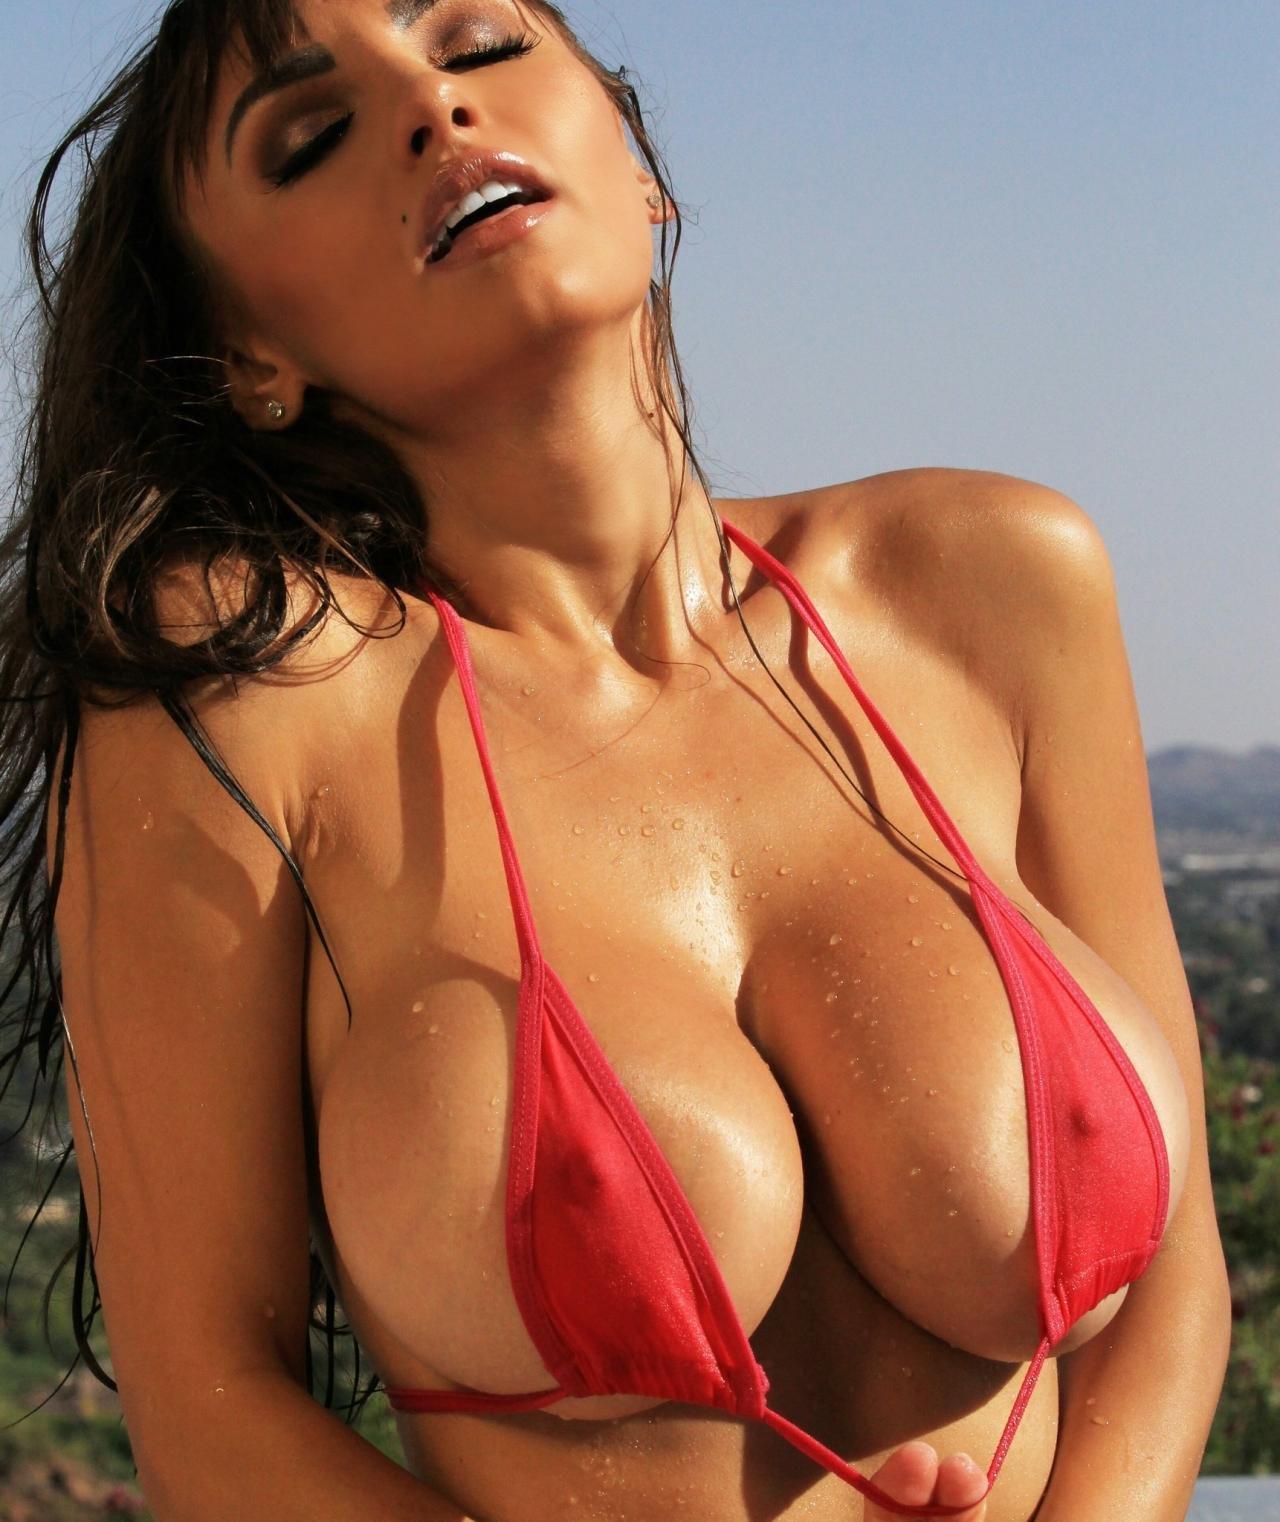 Голая фото самая красивая и большая натуральная грудь, порно баронесса на природе